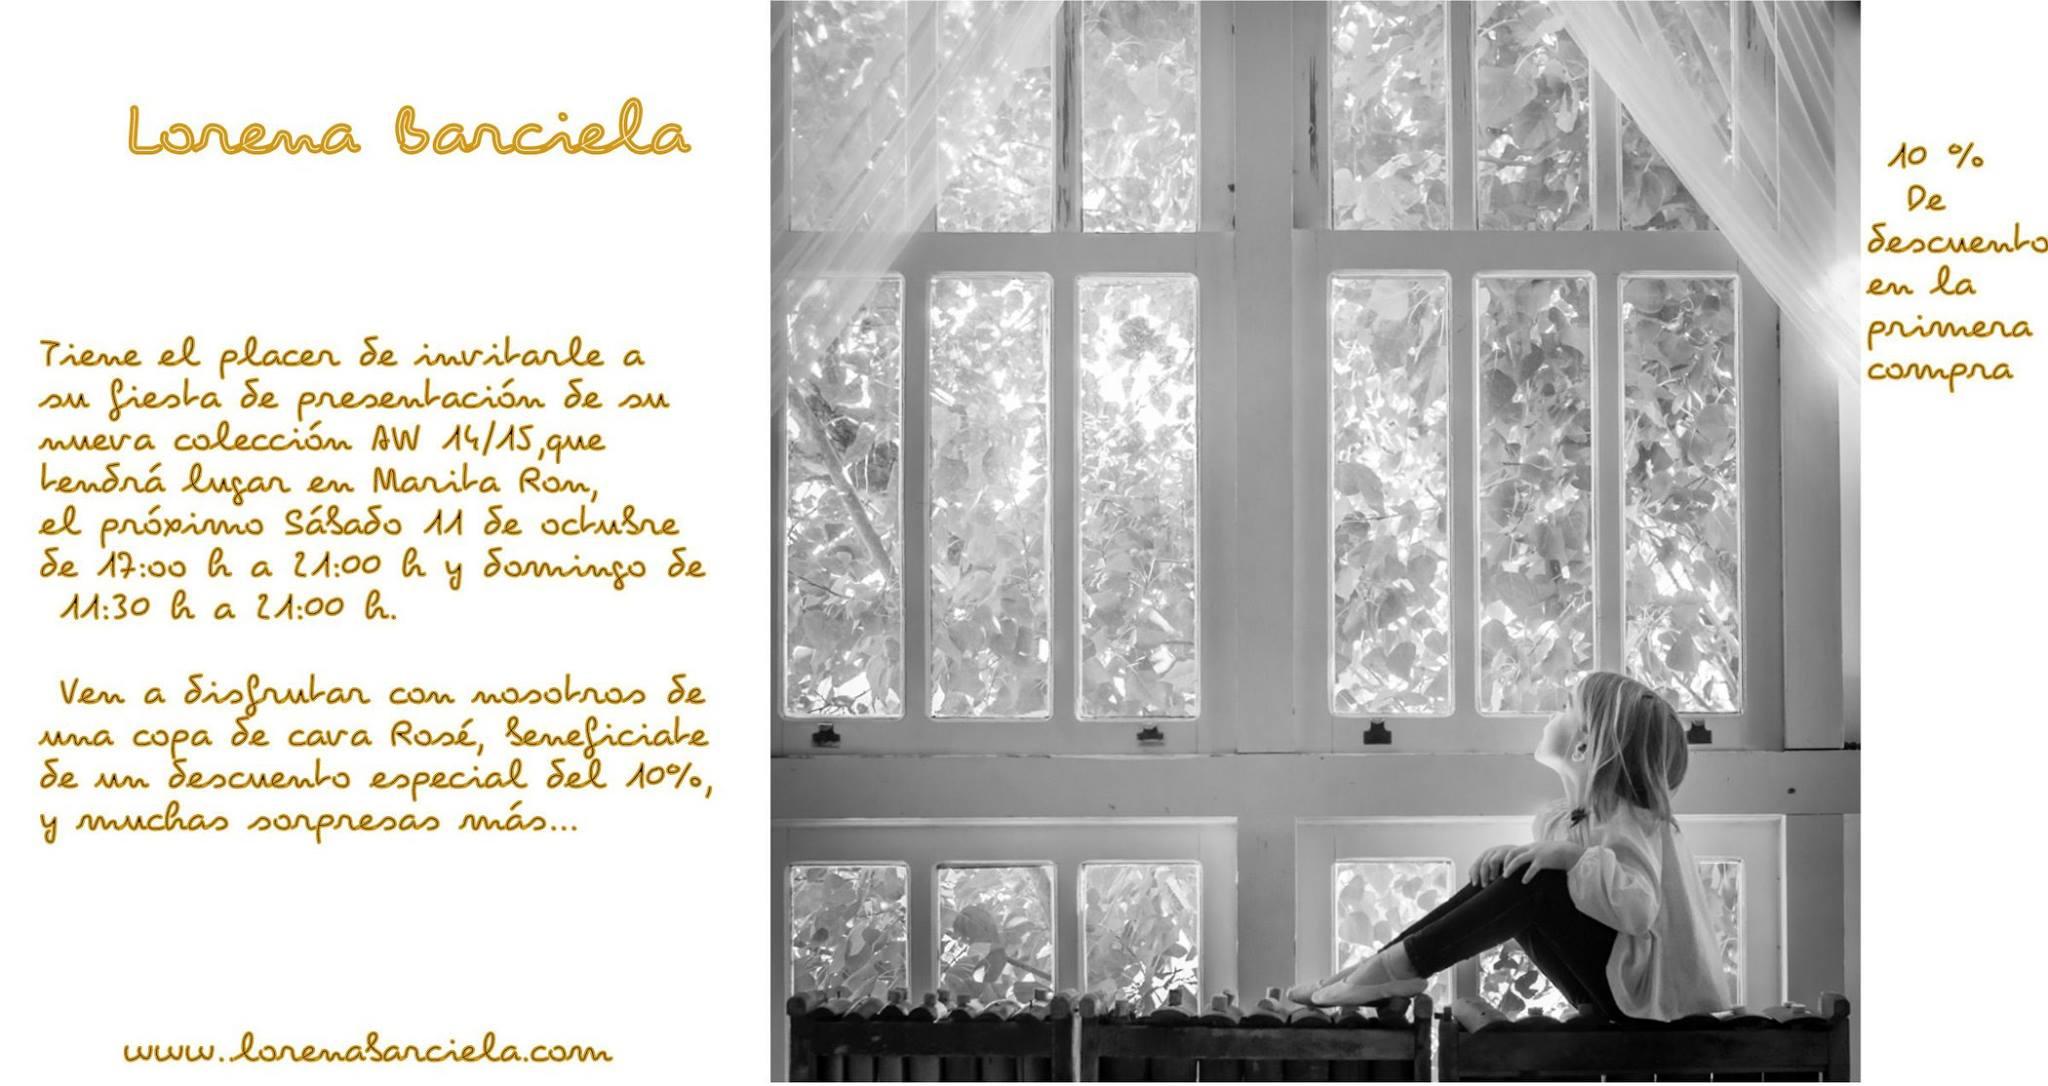 http://lorenabarciela.blogspot.com.es/